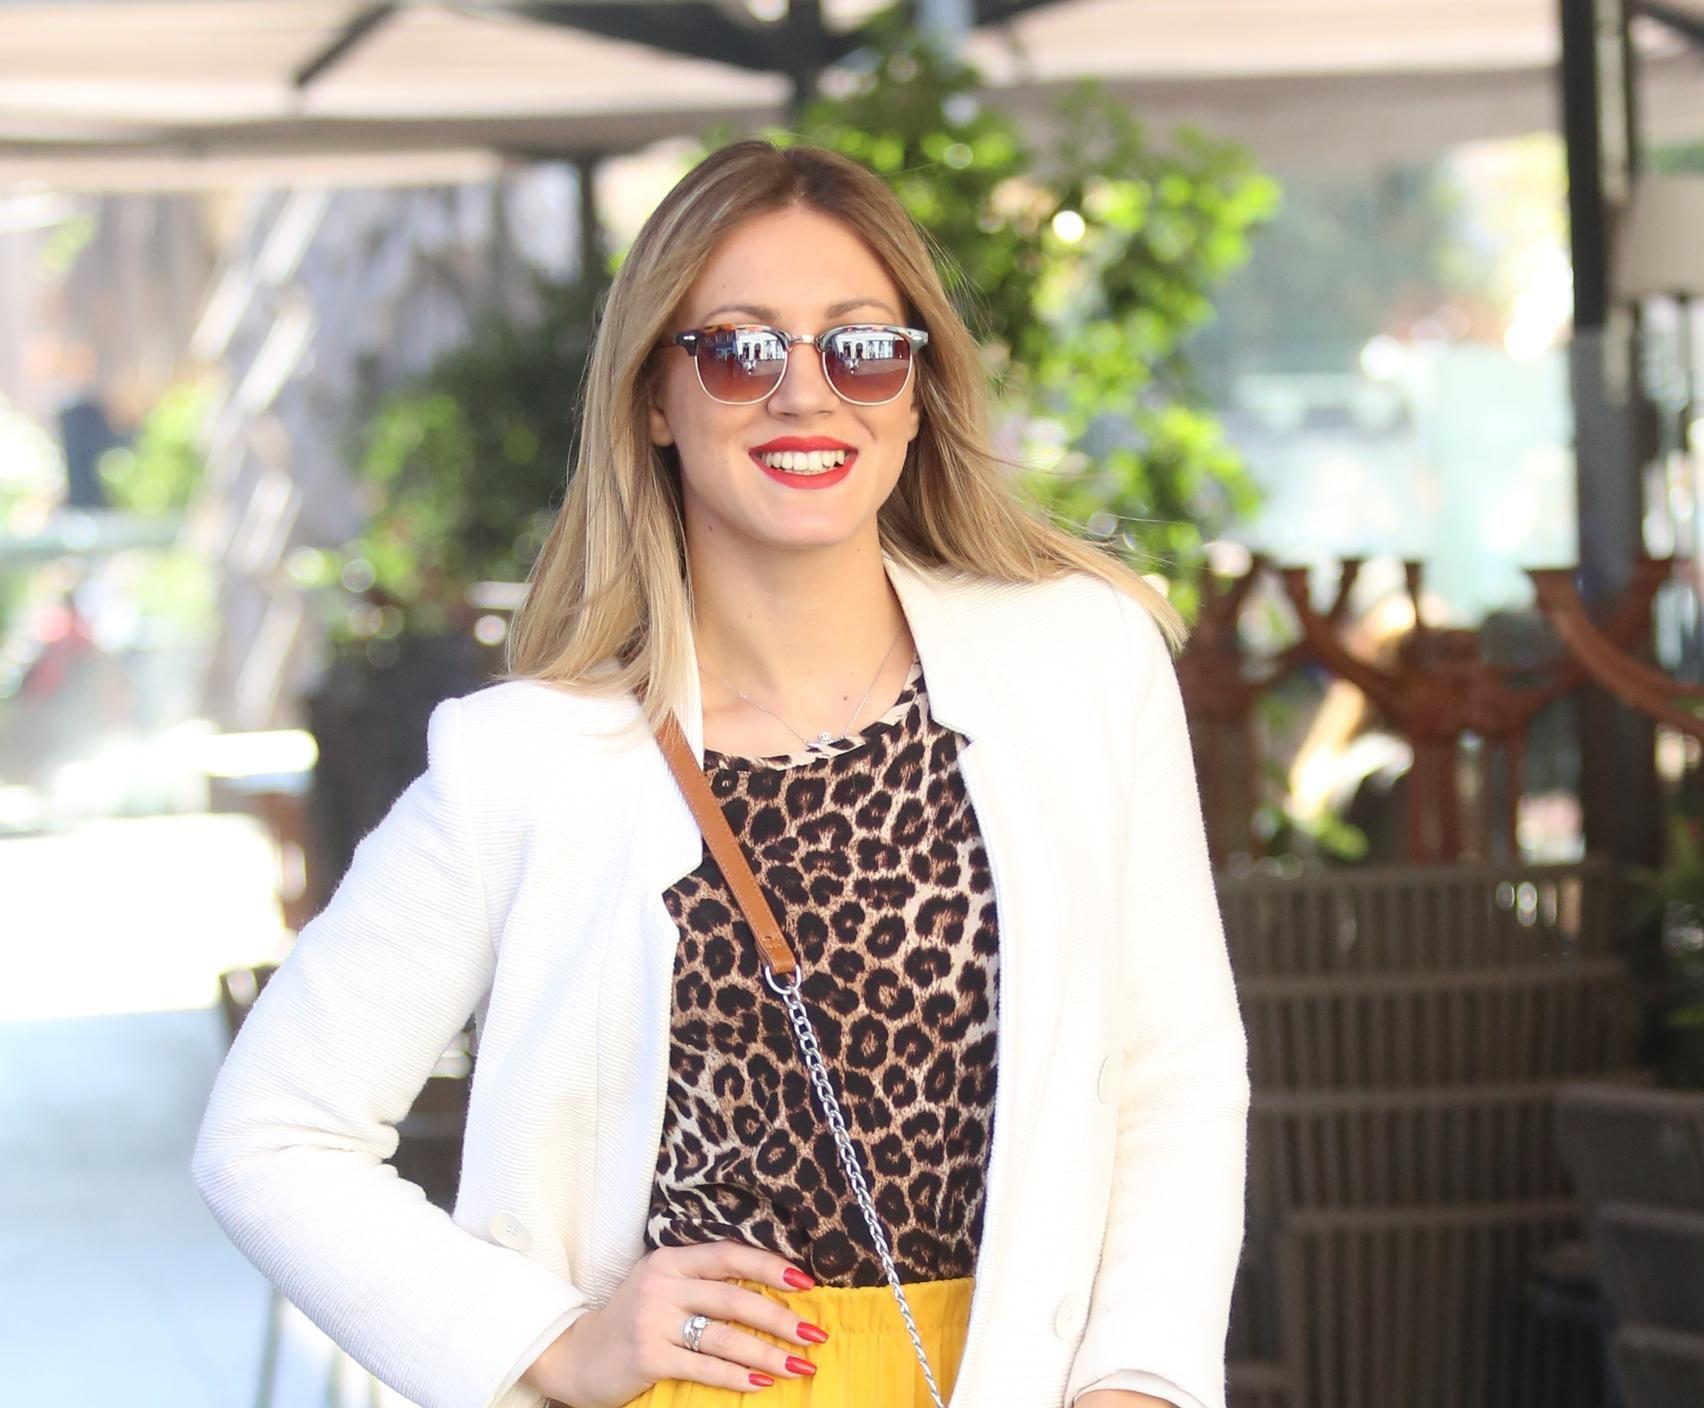 Lijepa fashionistica ima formulu za razvedriti dan! Rješenje je, naravno, damska žuta suknja!